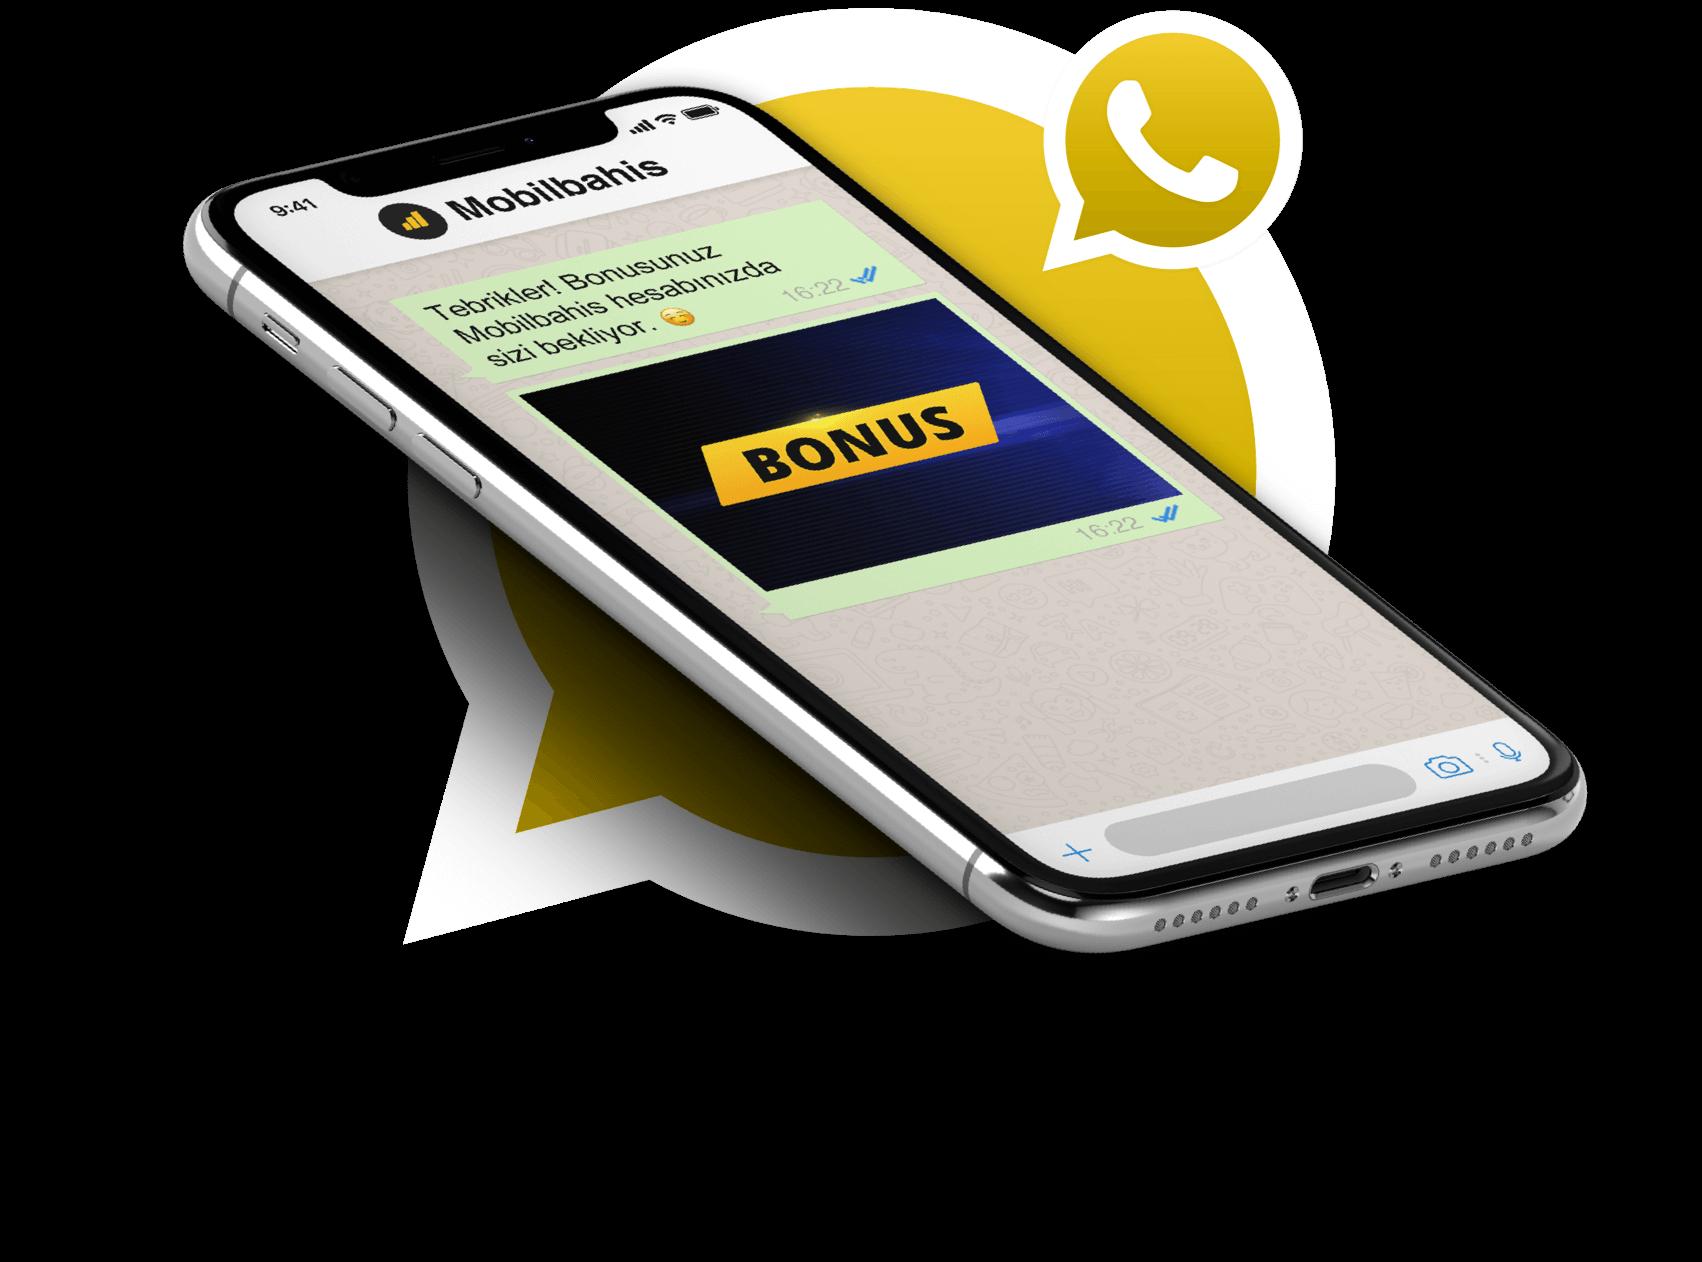 Whatsapp ile Bedava Bahisler, Mobilbahis sitesinde günün her saati bir bonus sürprizi ile karşılaşabilirsiniz.